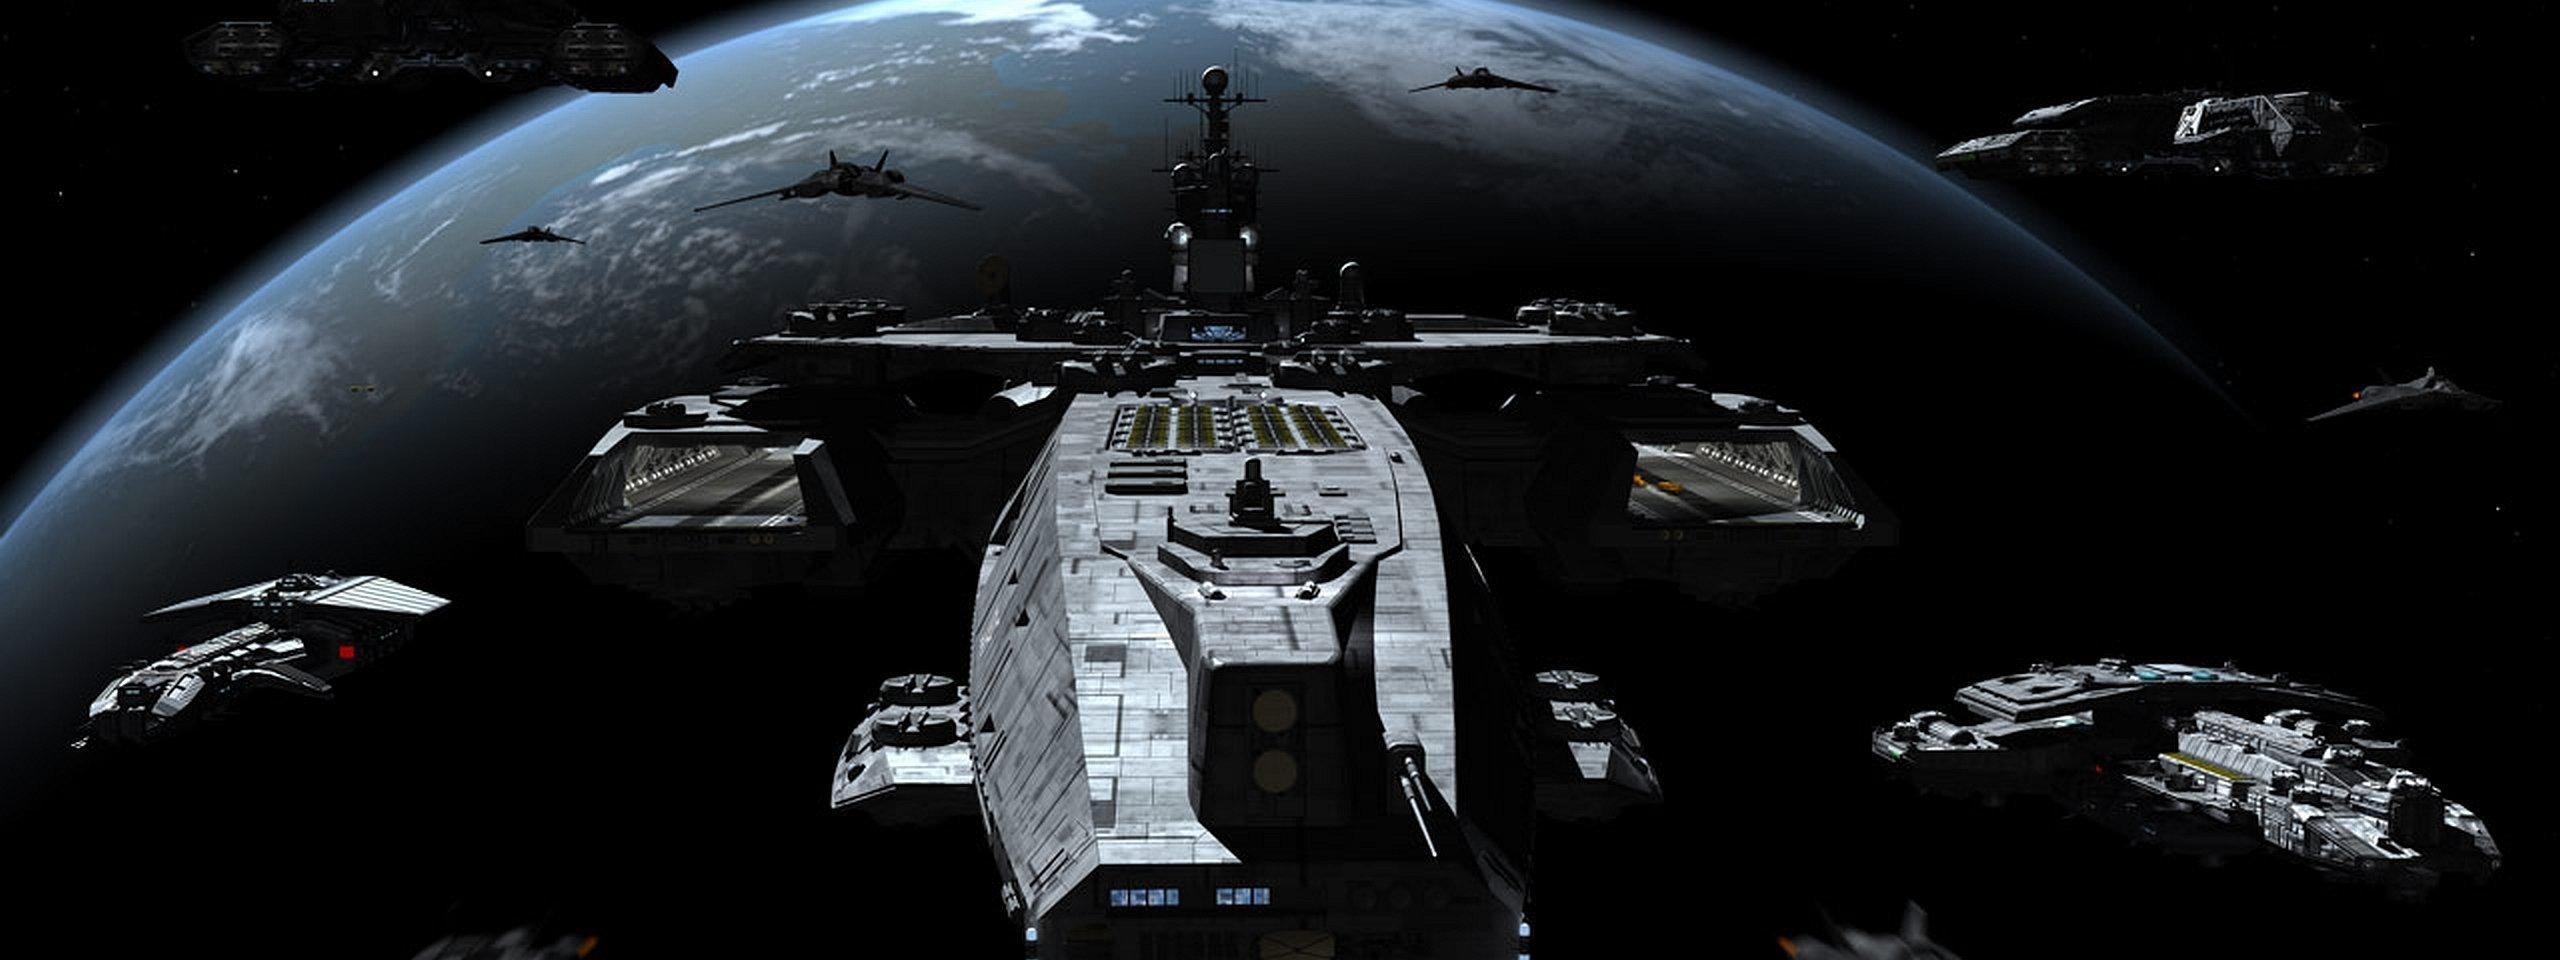 Wallpaper 2560x960 Px Stargate Atlantis 2560x960